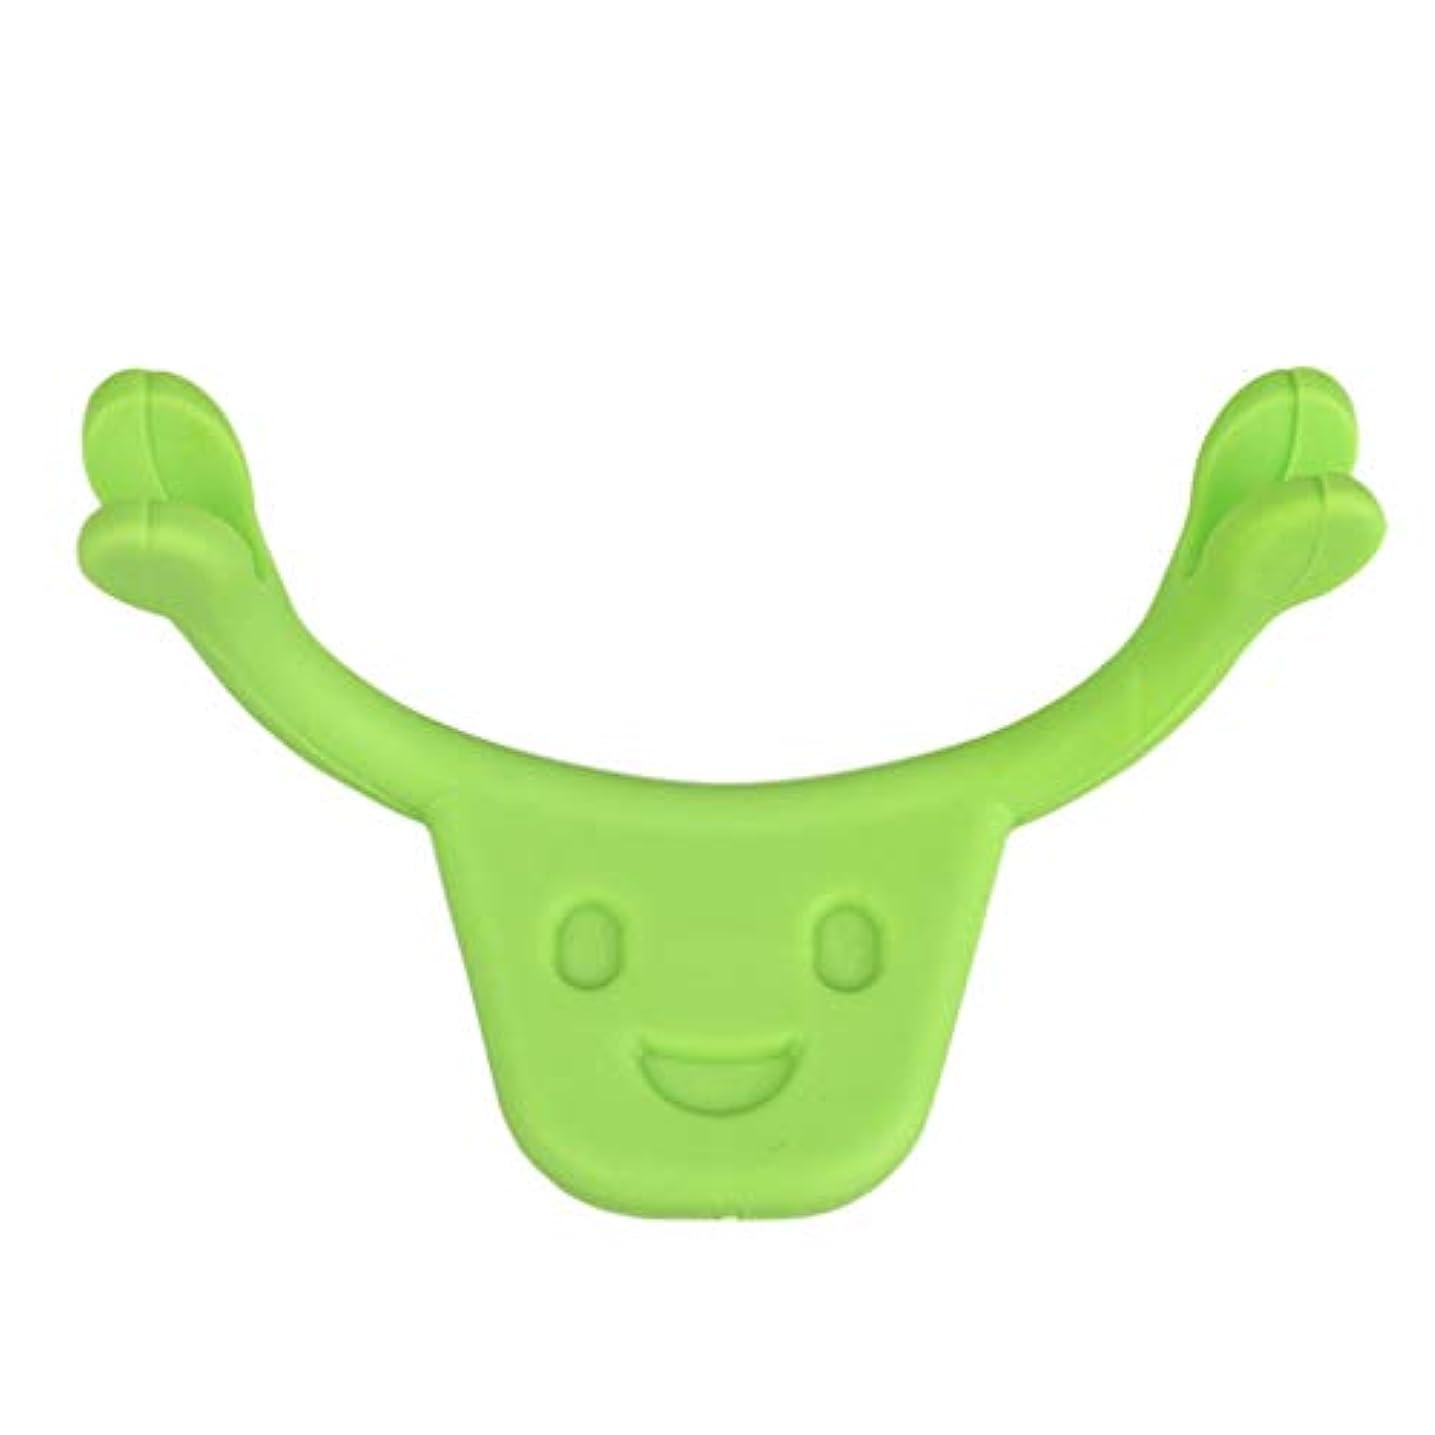 注釈ファイバ保守的F Fityle 表情筋 トレーニング 小顔 ストレッチ 口角を上げるグッズ 美顔 顔痩せ 二重 あご 消す 全2色 - 緑